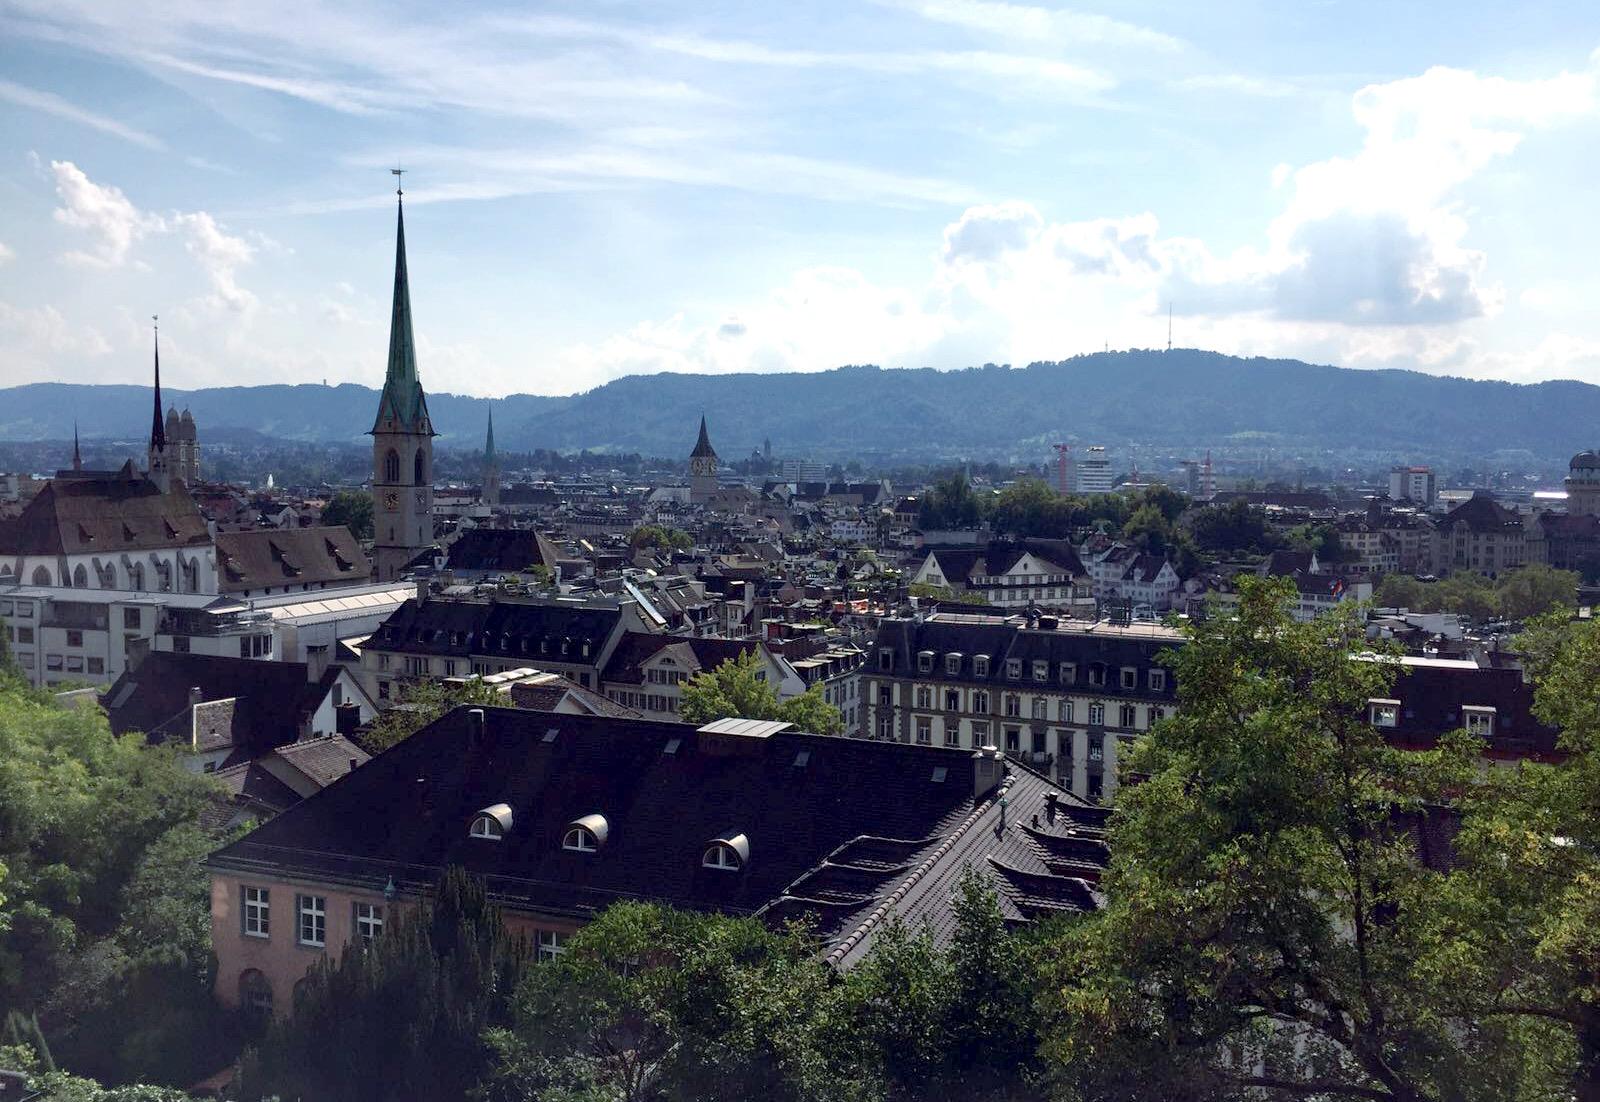 szwajcaria zurych widok miasta iglawpodrozy